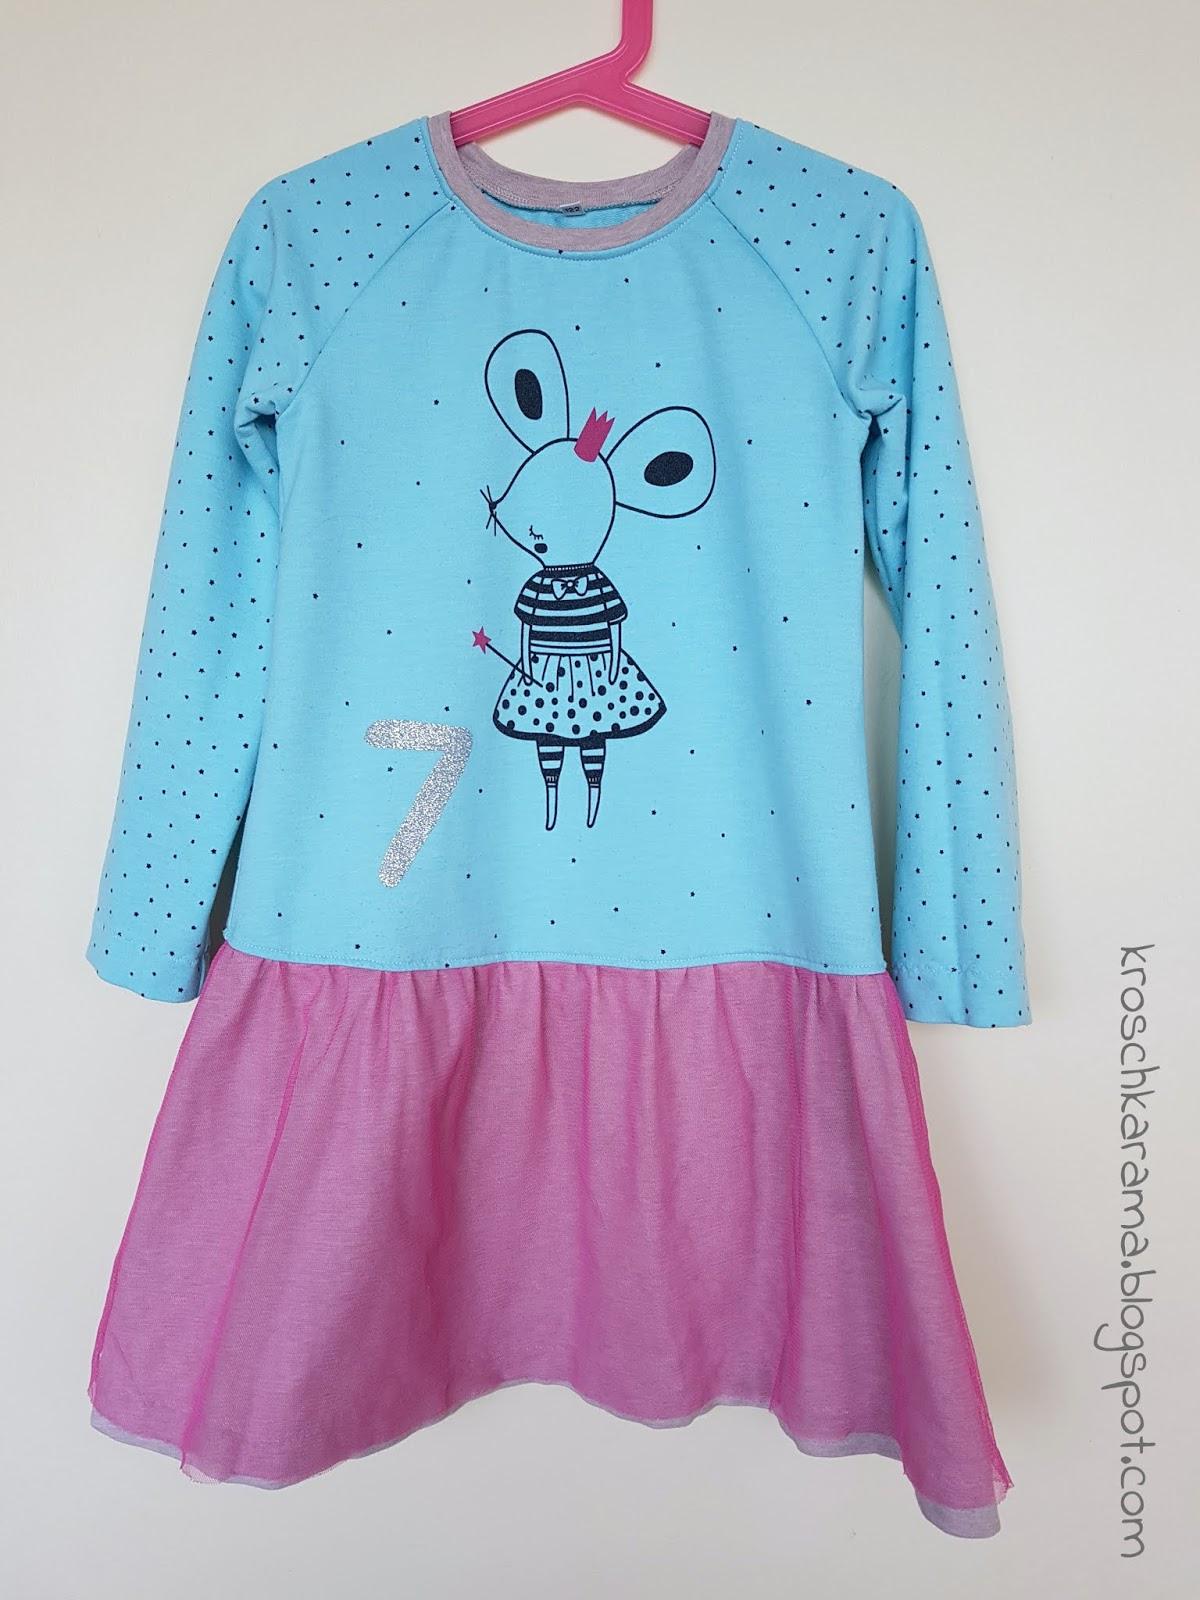 Kroschka Geburtstagskleid Für Die Tochter